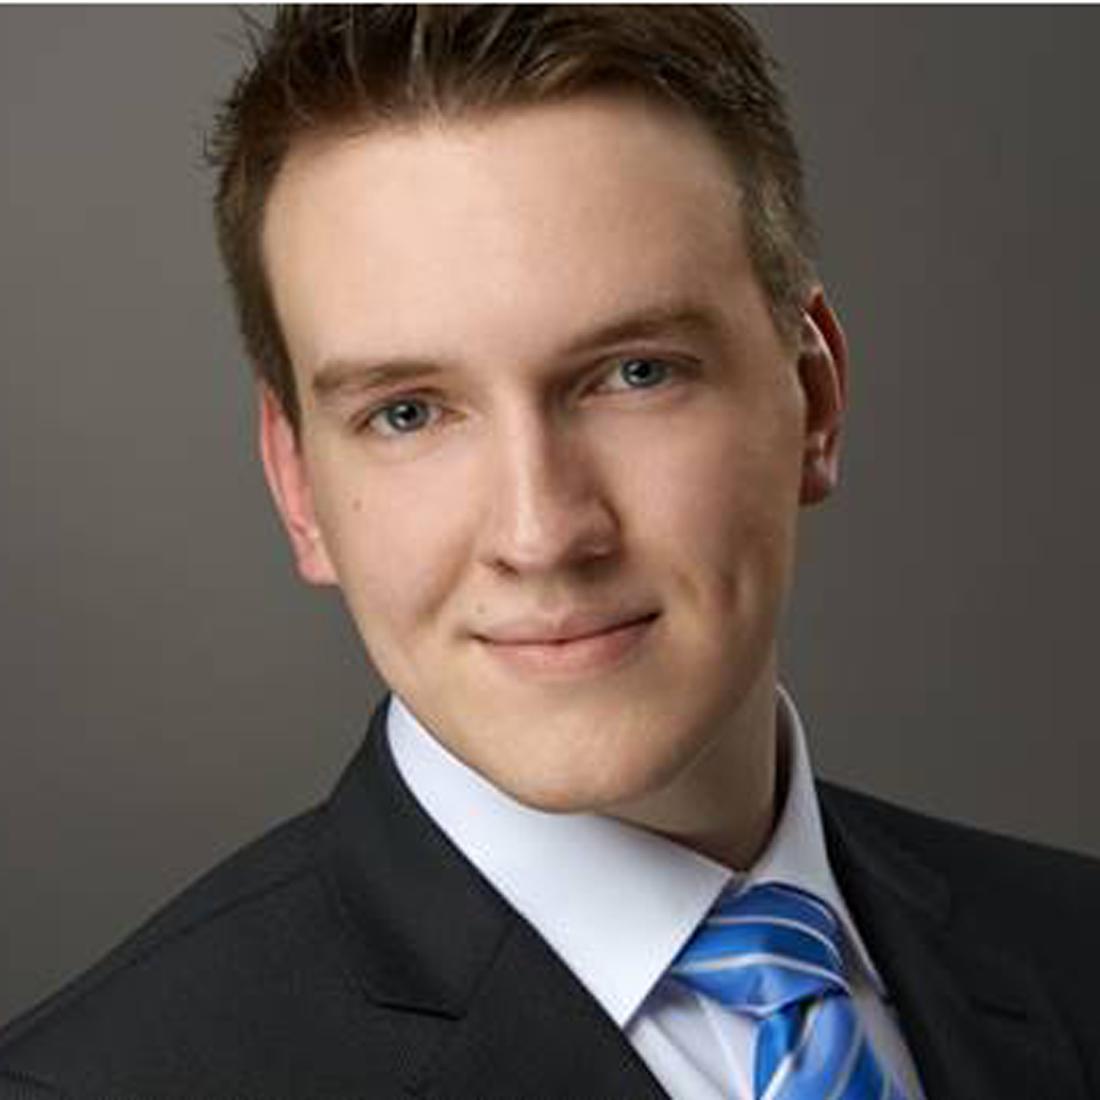 Foto von Marco Wolfstädter, absolviert ein duales Studium bei Controlware.